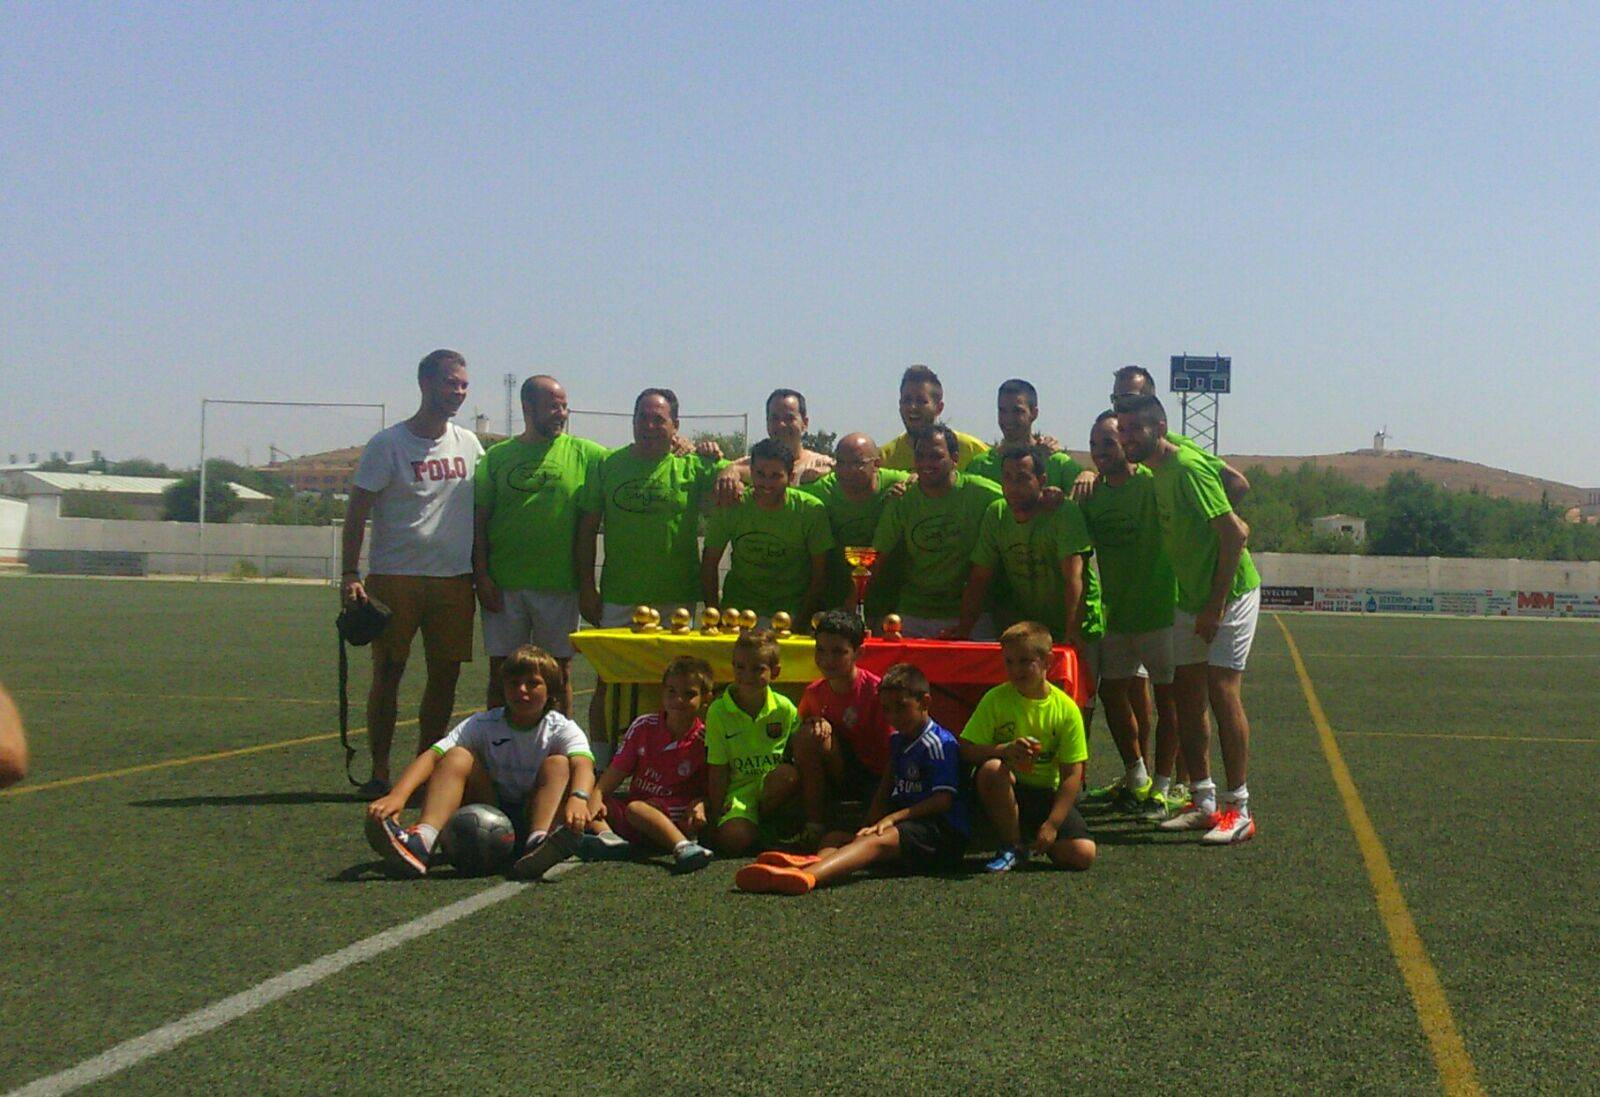 los pitorra en futbol 7 1 - Los Pitorra campeones de la primera liga local de fútbol 7